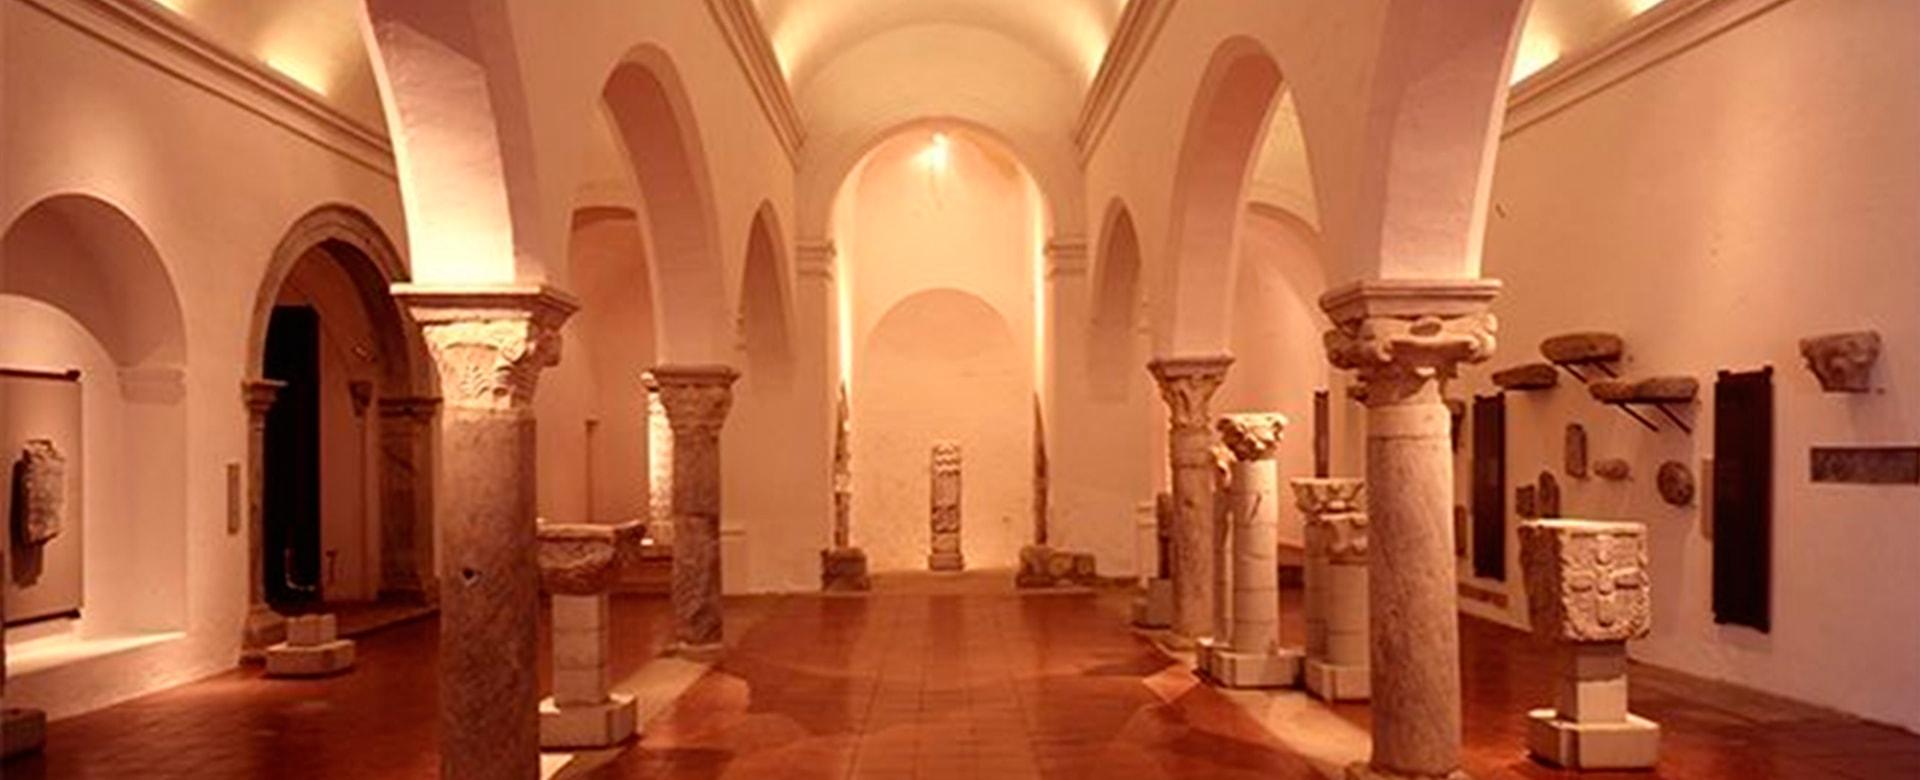 Museo Regional de Beja - Orígenes de Europa